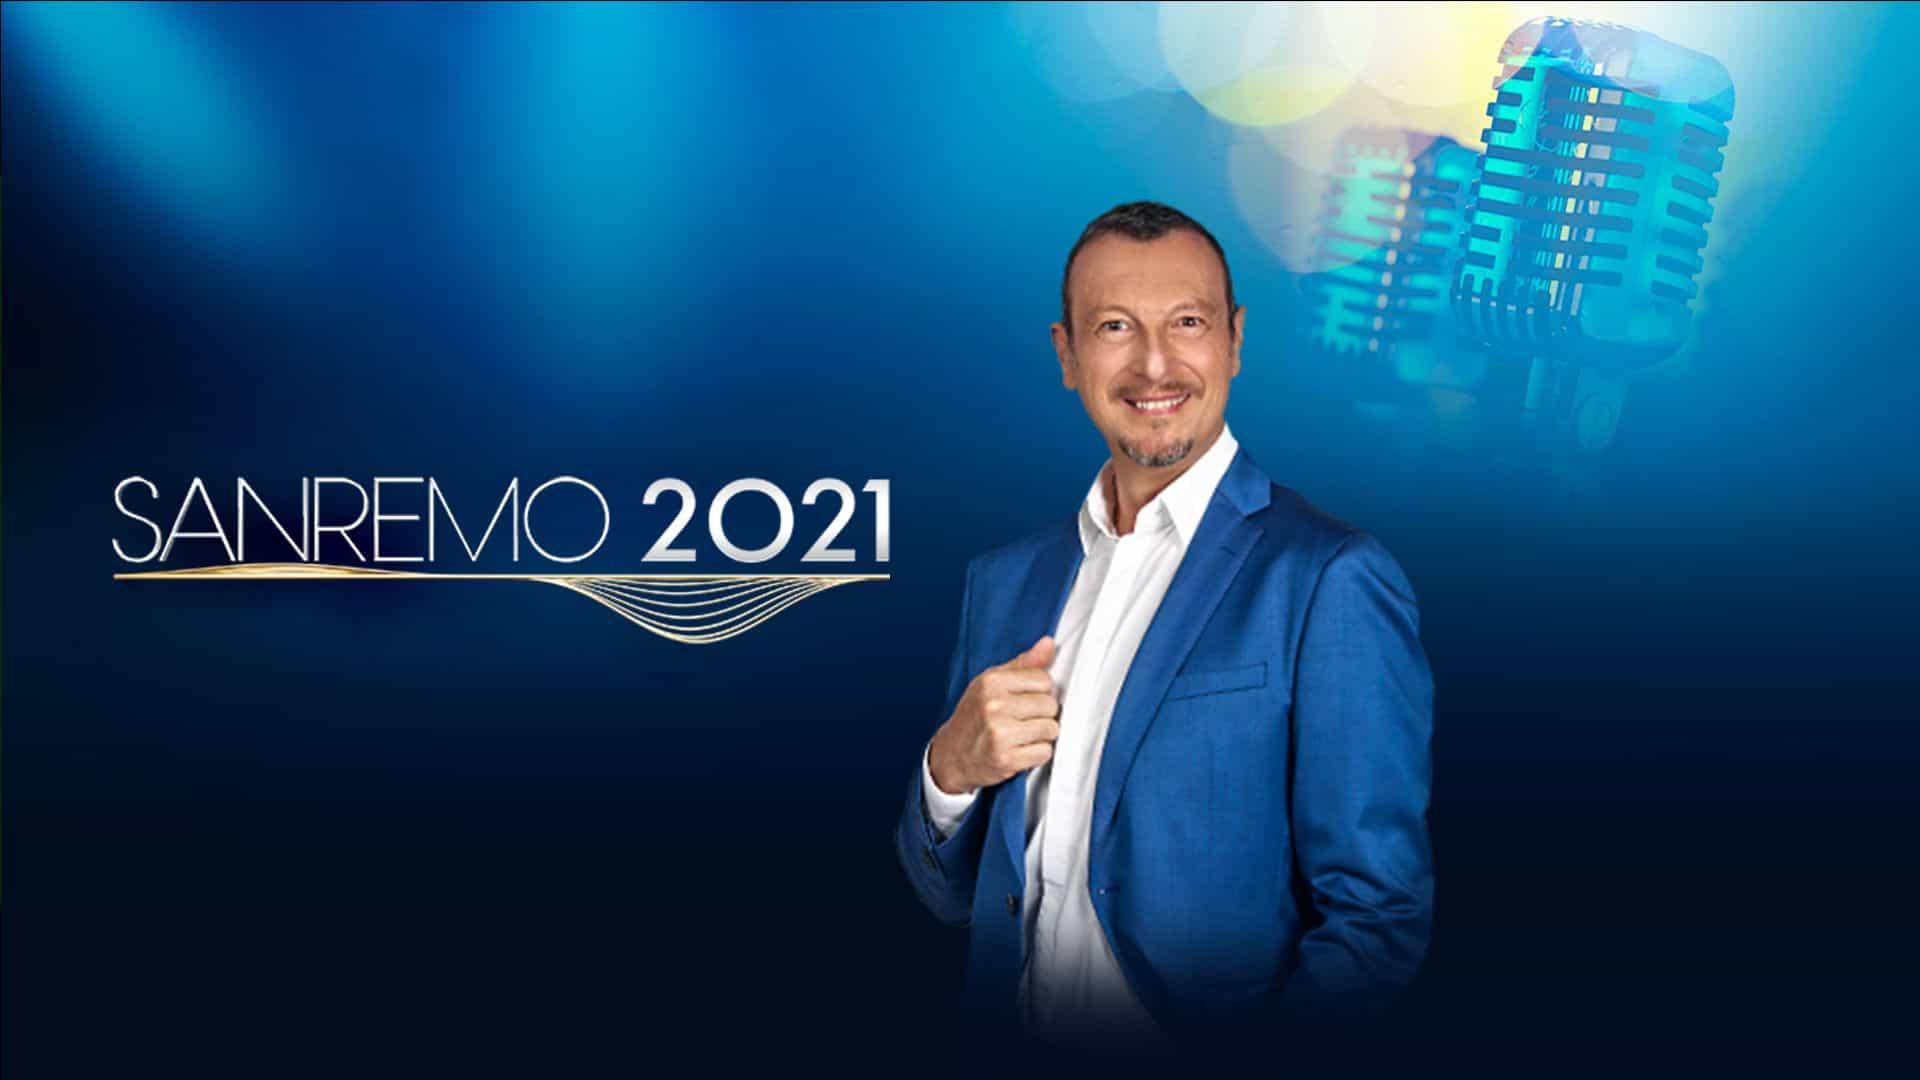 Sanremo 2021 e il pubblico sulla nave: Amadeus spiega tutto